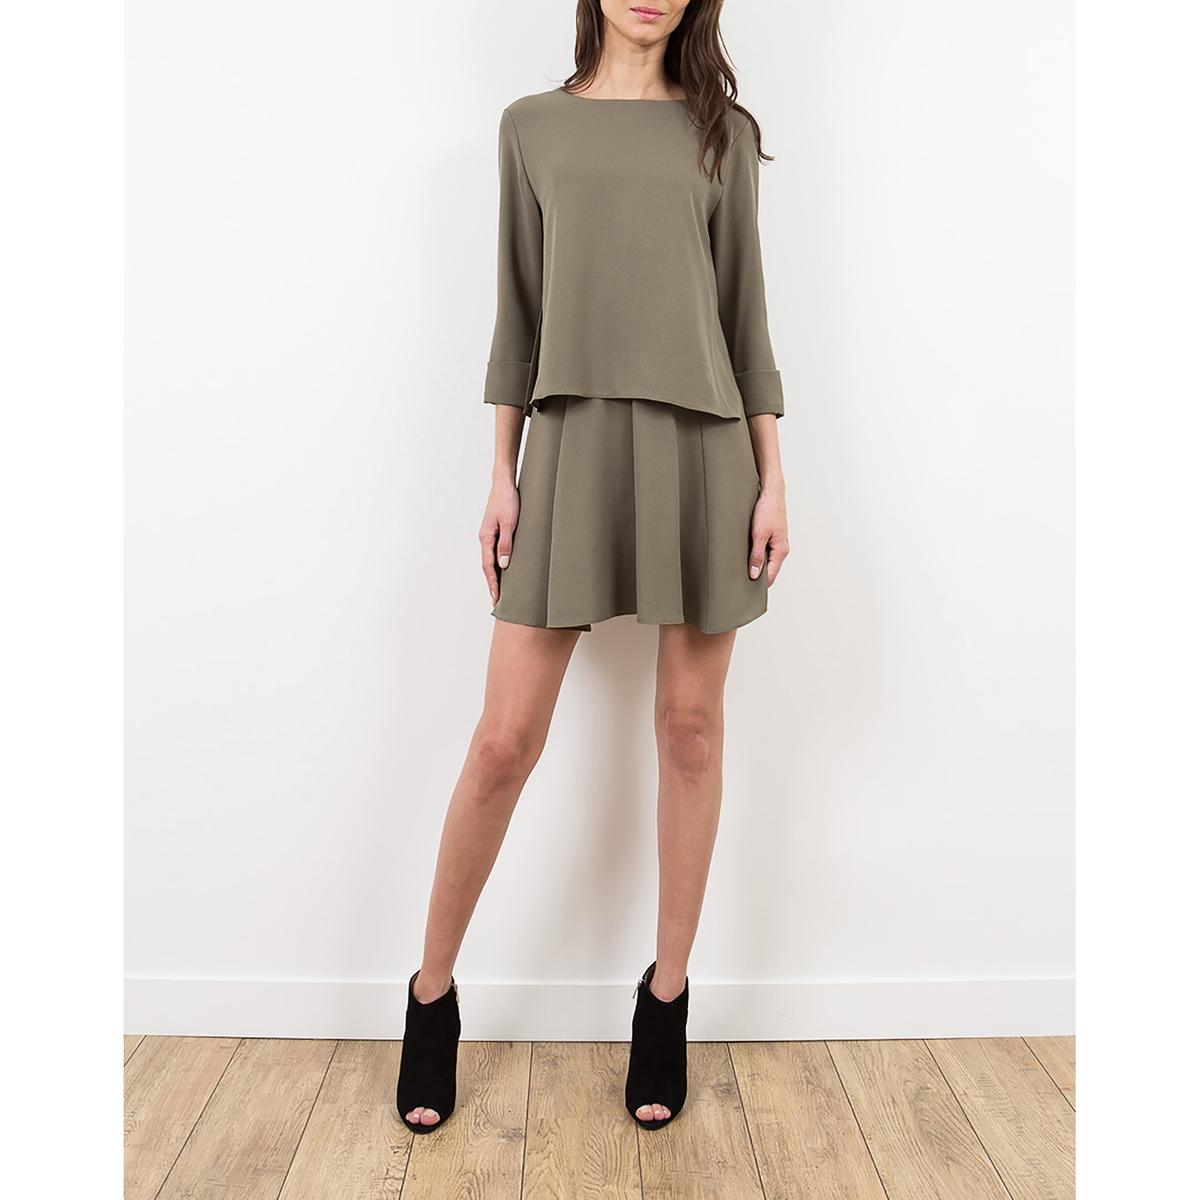 Платье с рукавами 3/4, из крепа LENNY B, RALLYEСостав и описание :Материал : 100% полиэстераМарка : LENNY B<br><br>Цвет: хаки,черный<br>Размер: 3(L).1(S).3(L).2(M)